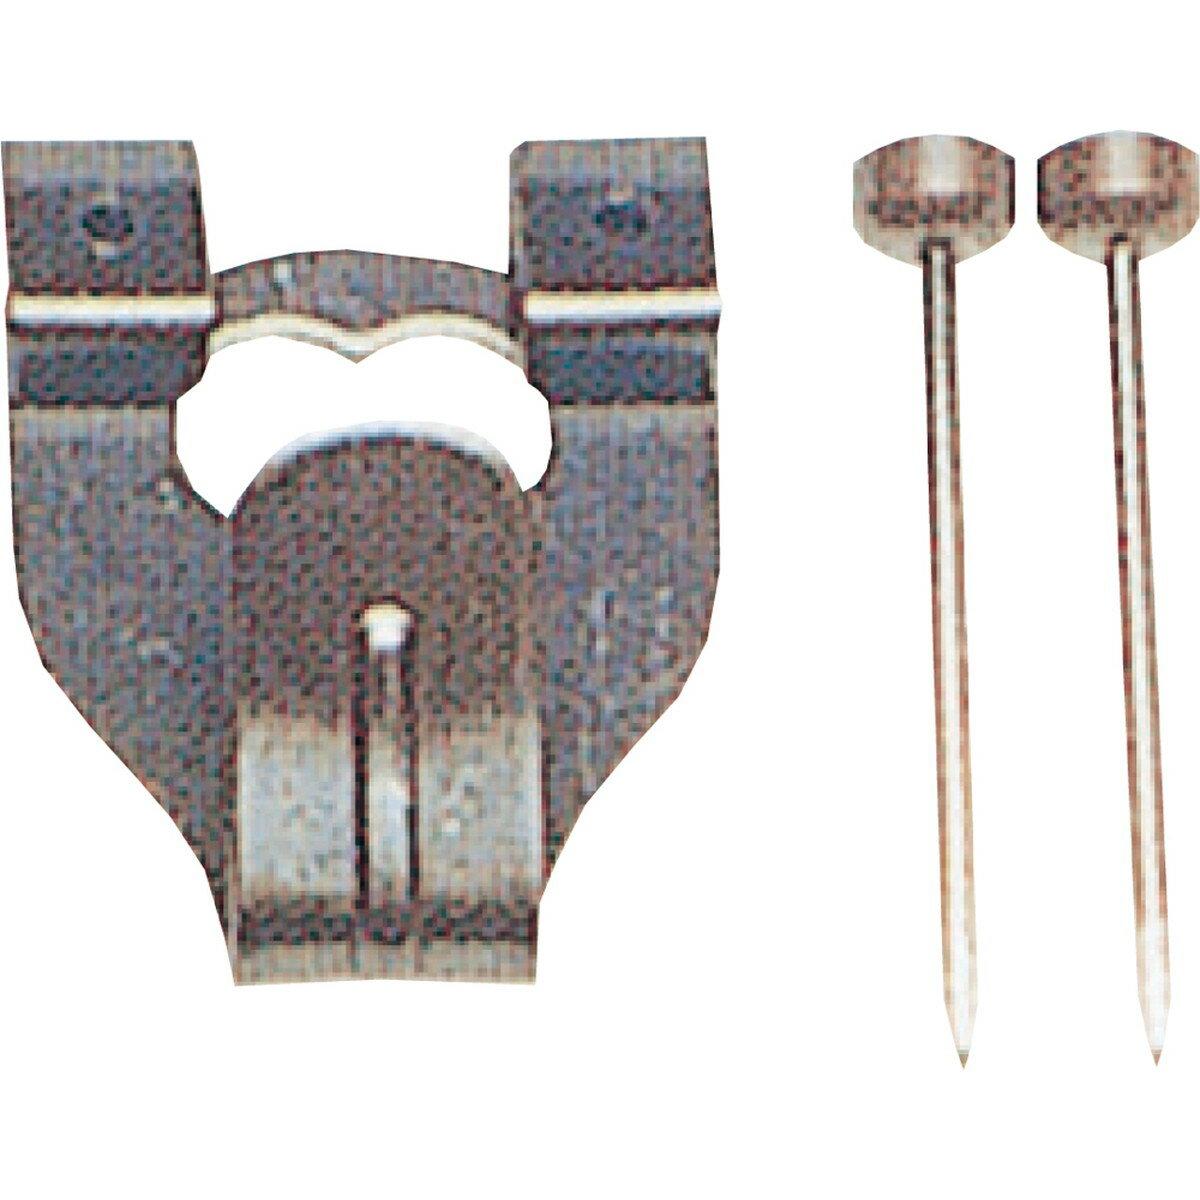 Artec(アーテック) 鉄並Xフック 中 2本針 4012 単品 #196174